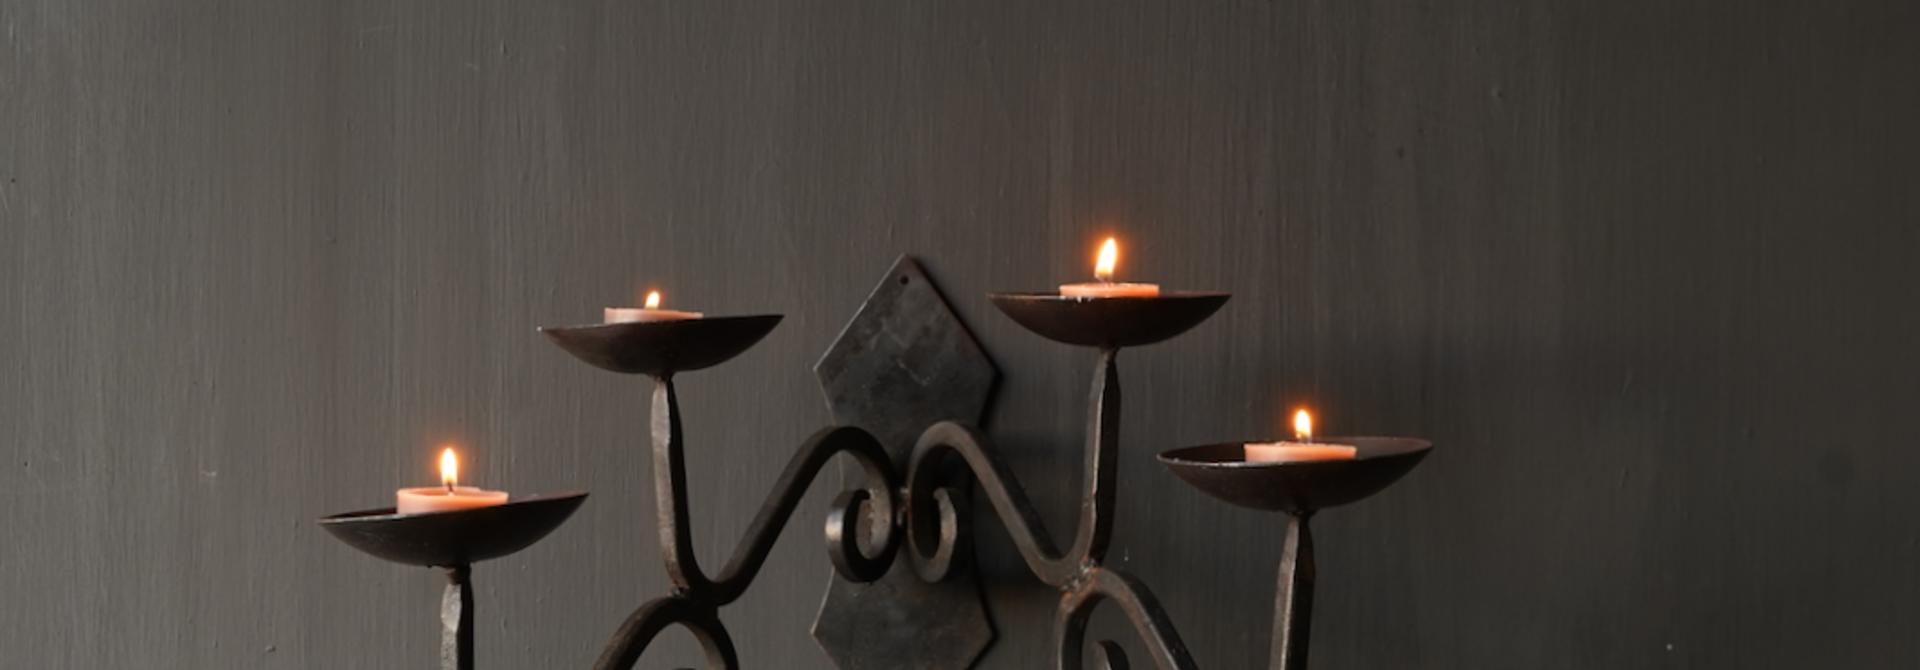 Eisen hängender Kerzenhalter